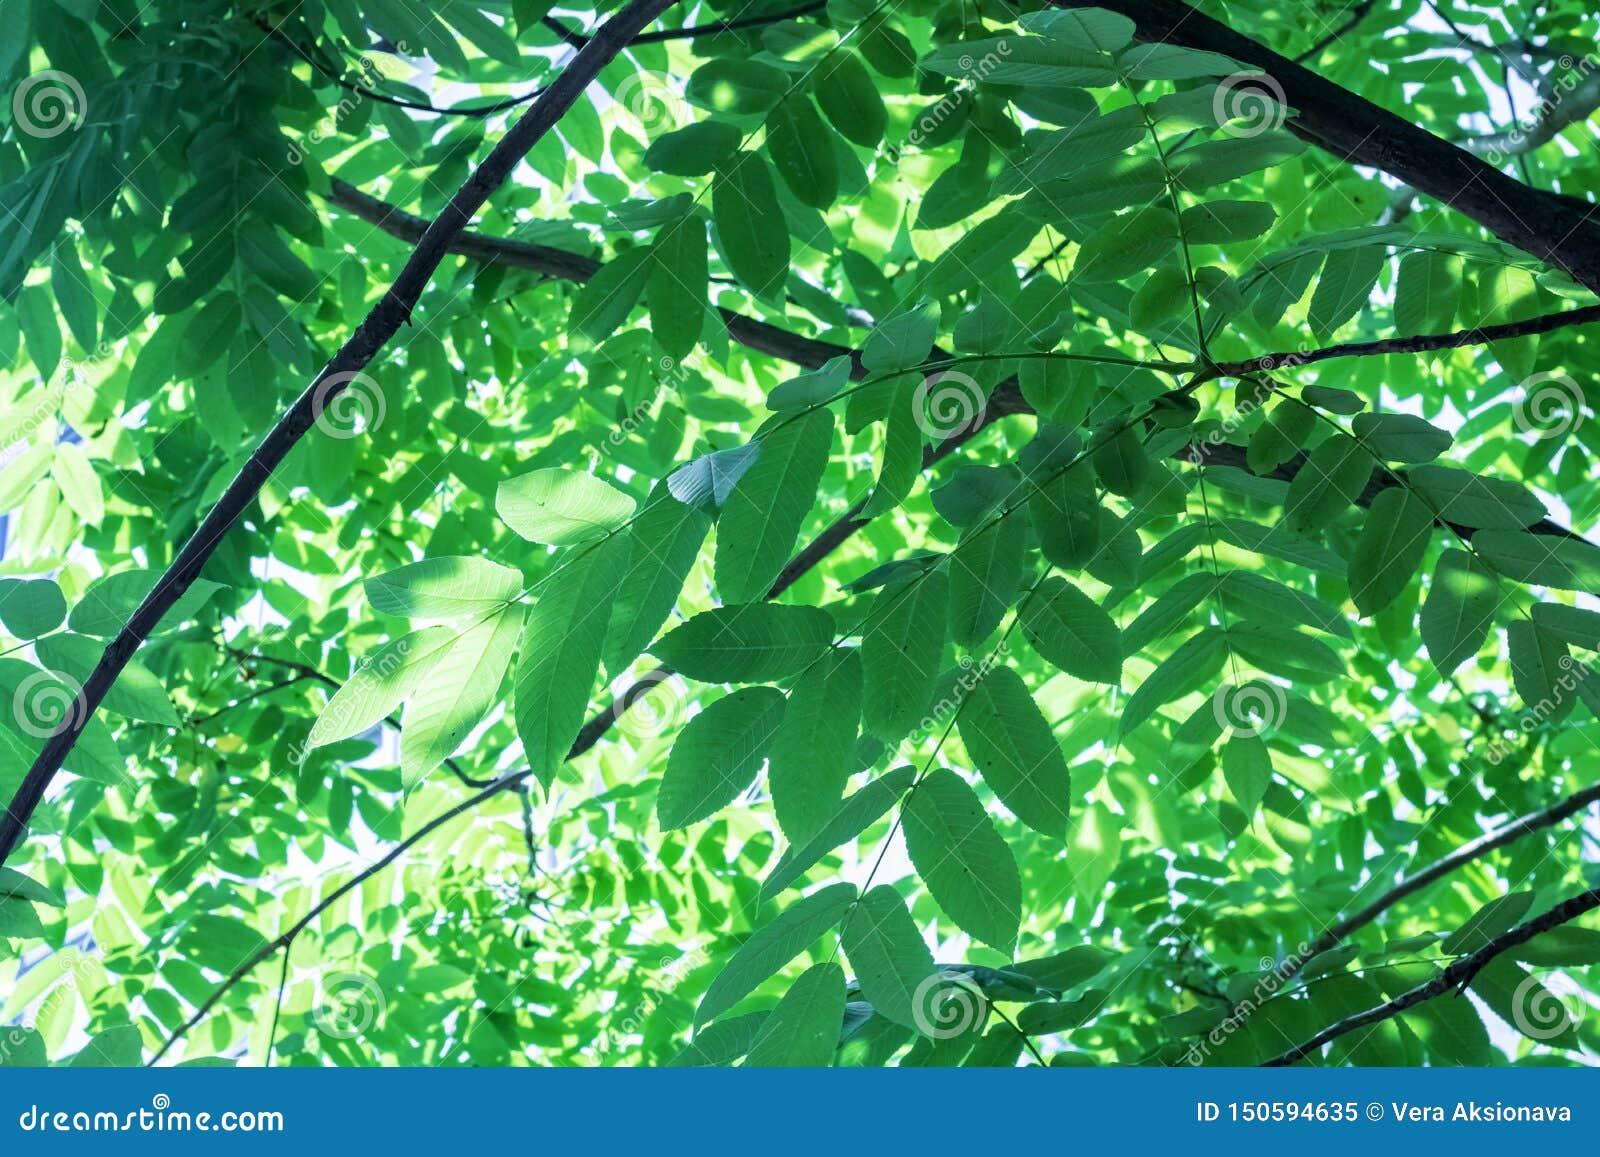 Grandes feuilles vertes sur des branches d arbre étroitement